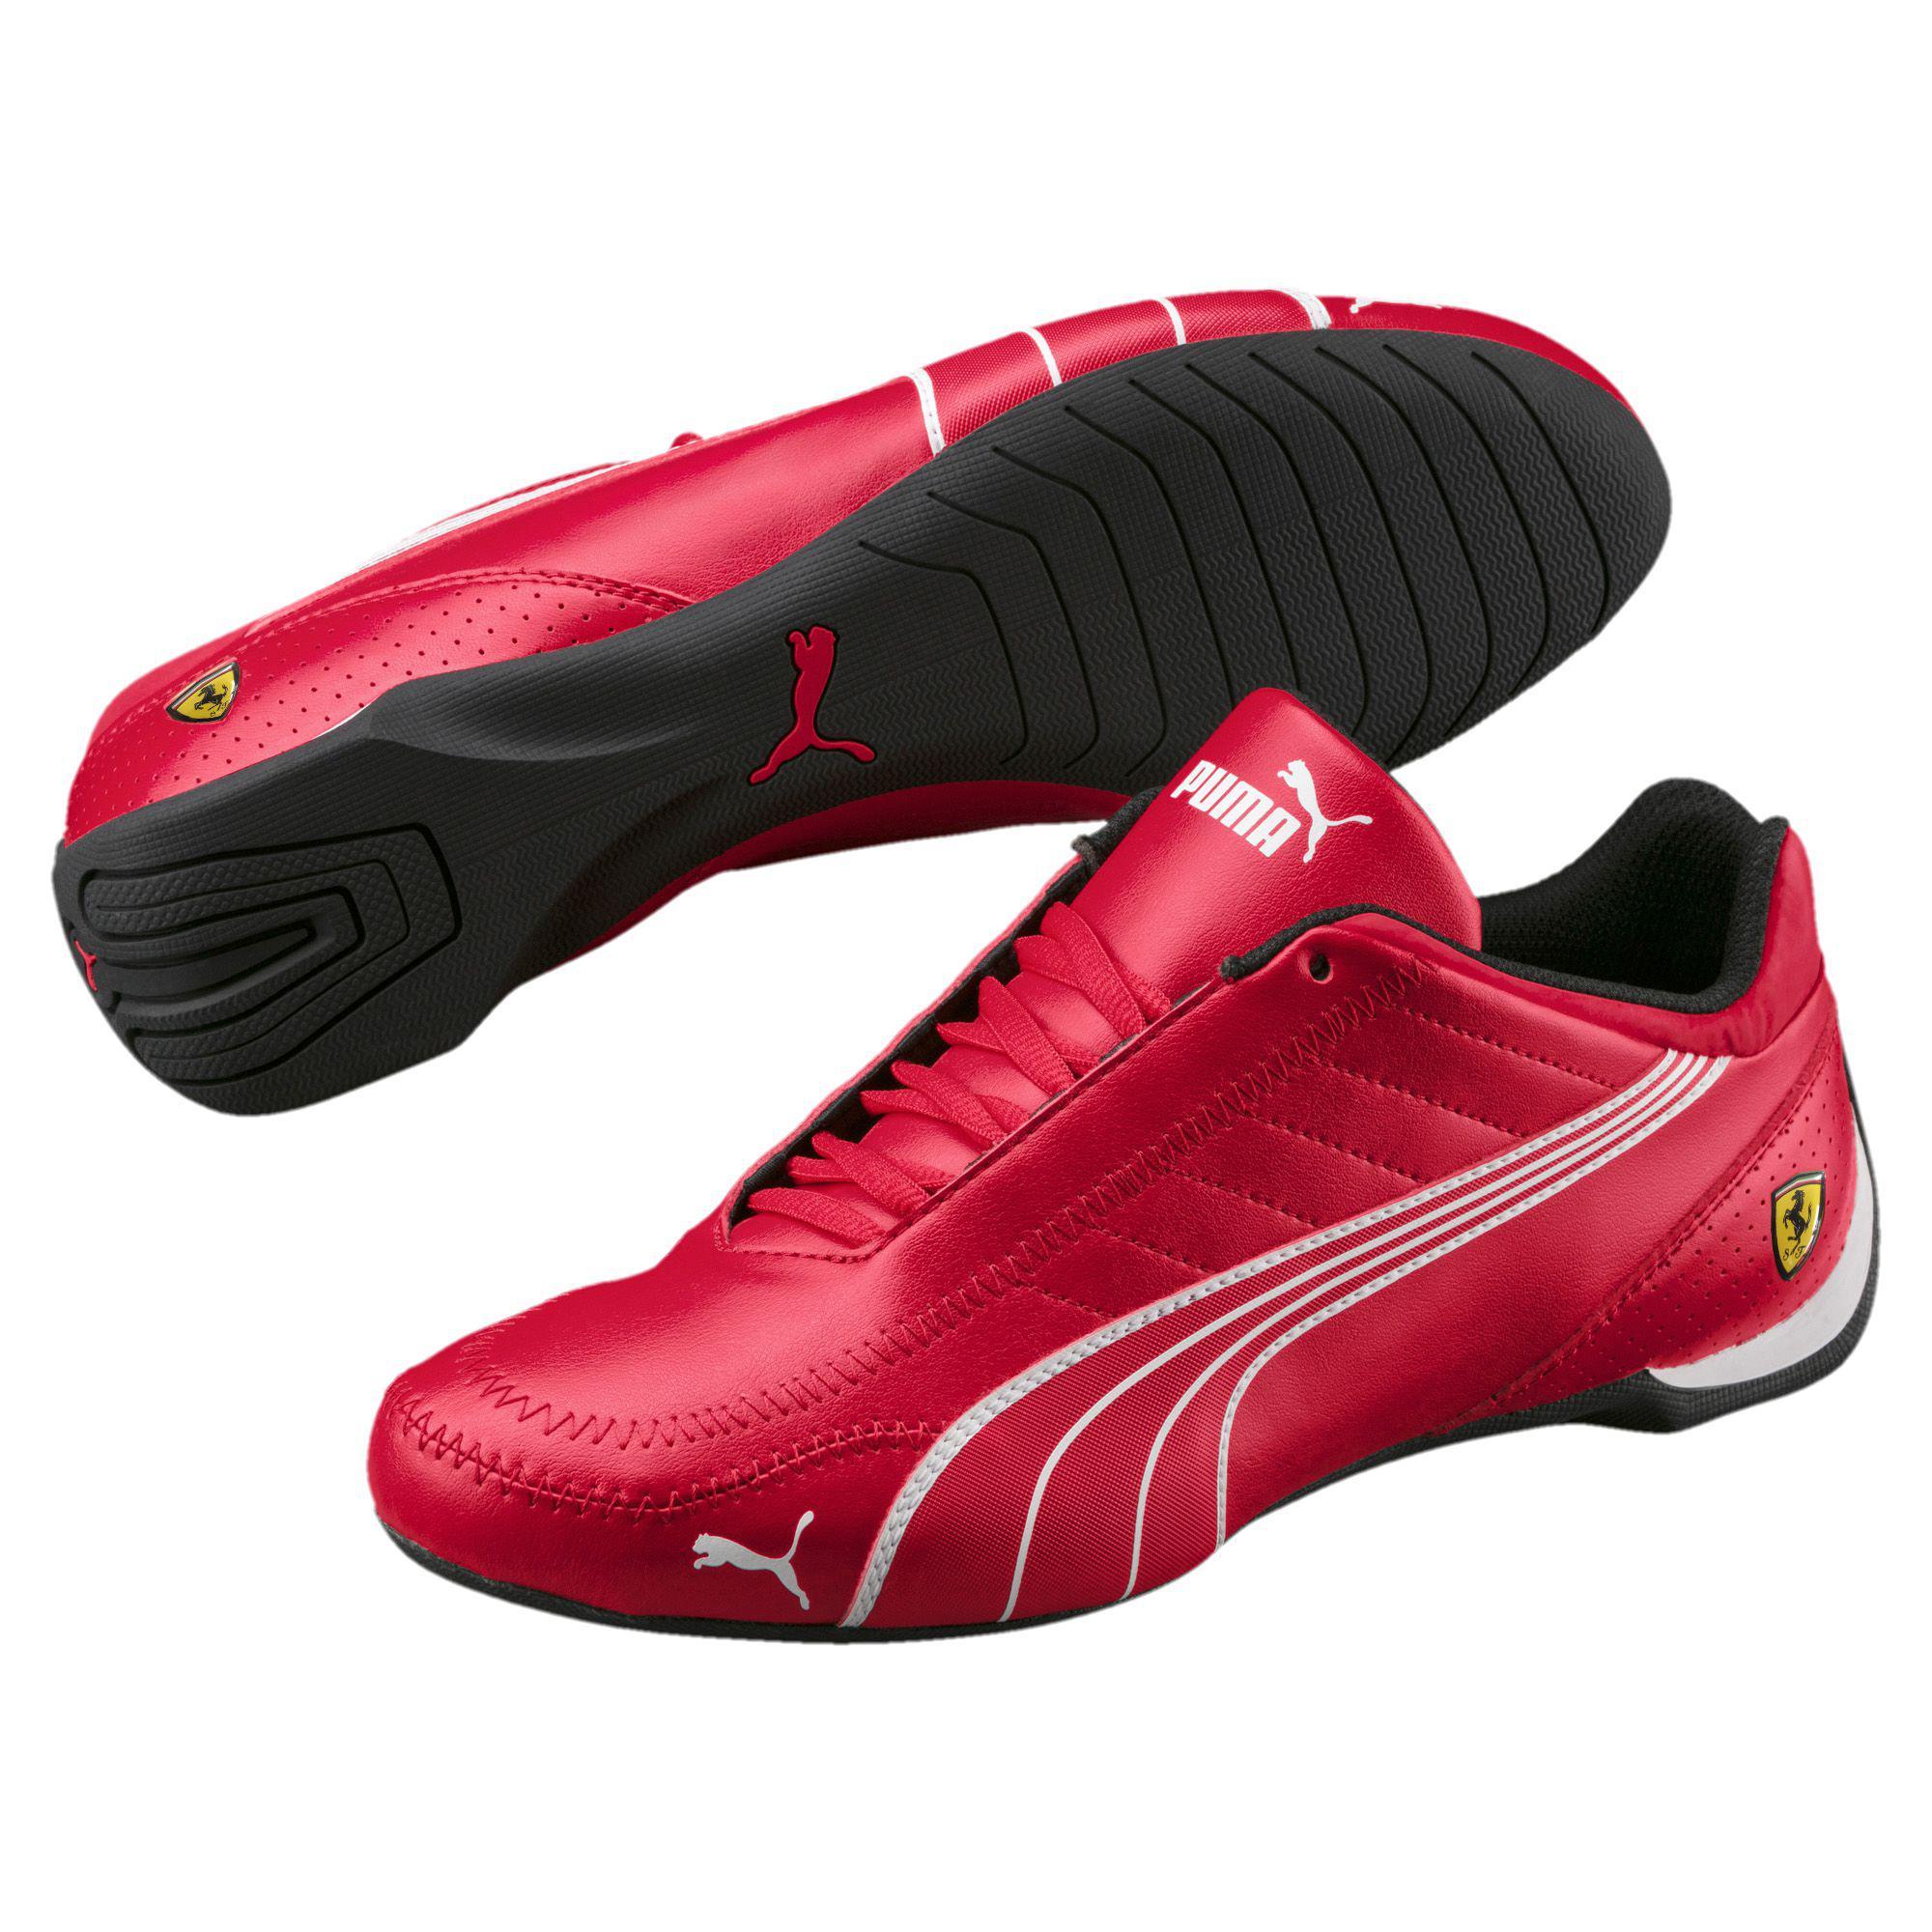 e2113b7f8d2a Lyst - PUMA Ferrari Future Cart Cat Men s Motorsport Shoes in Red ...